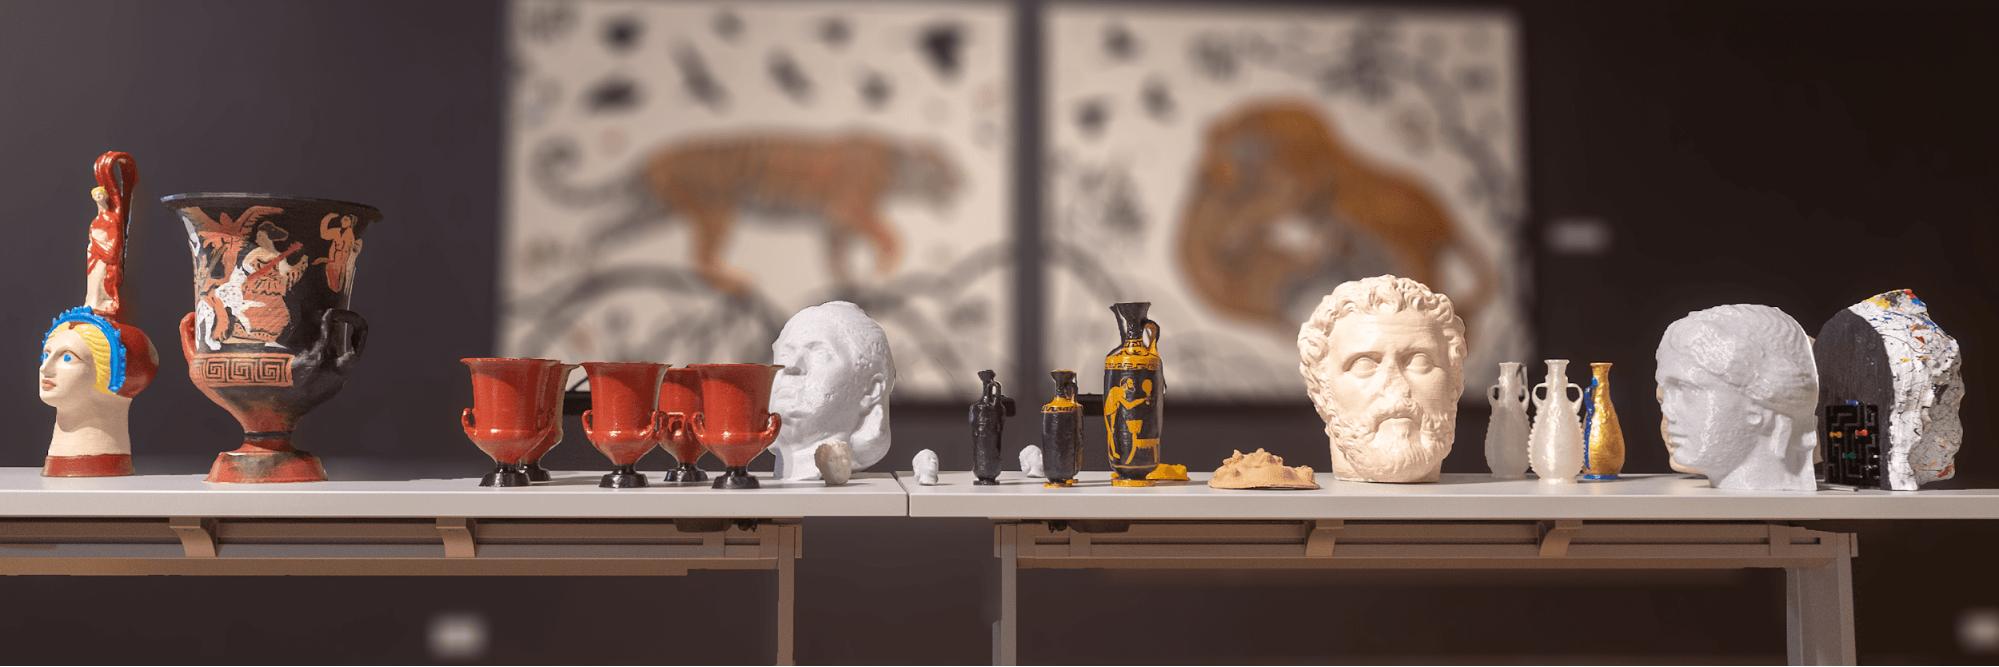 animating antiquity miami